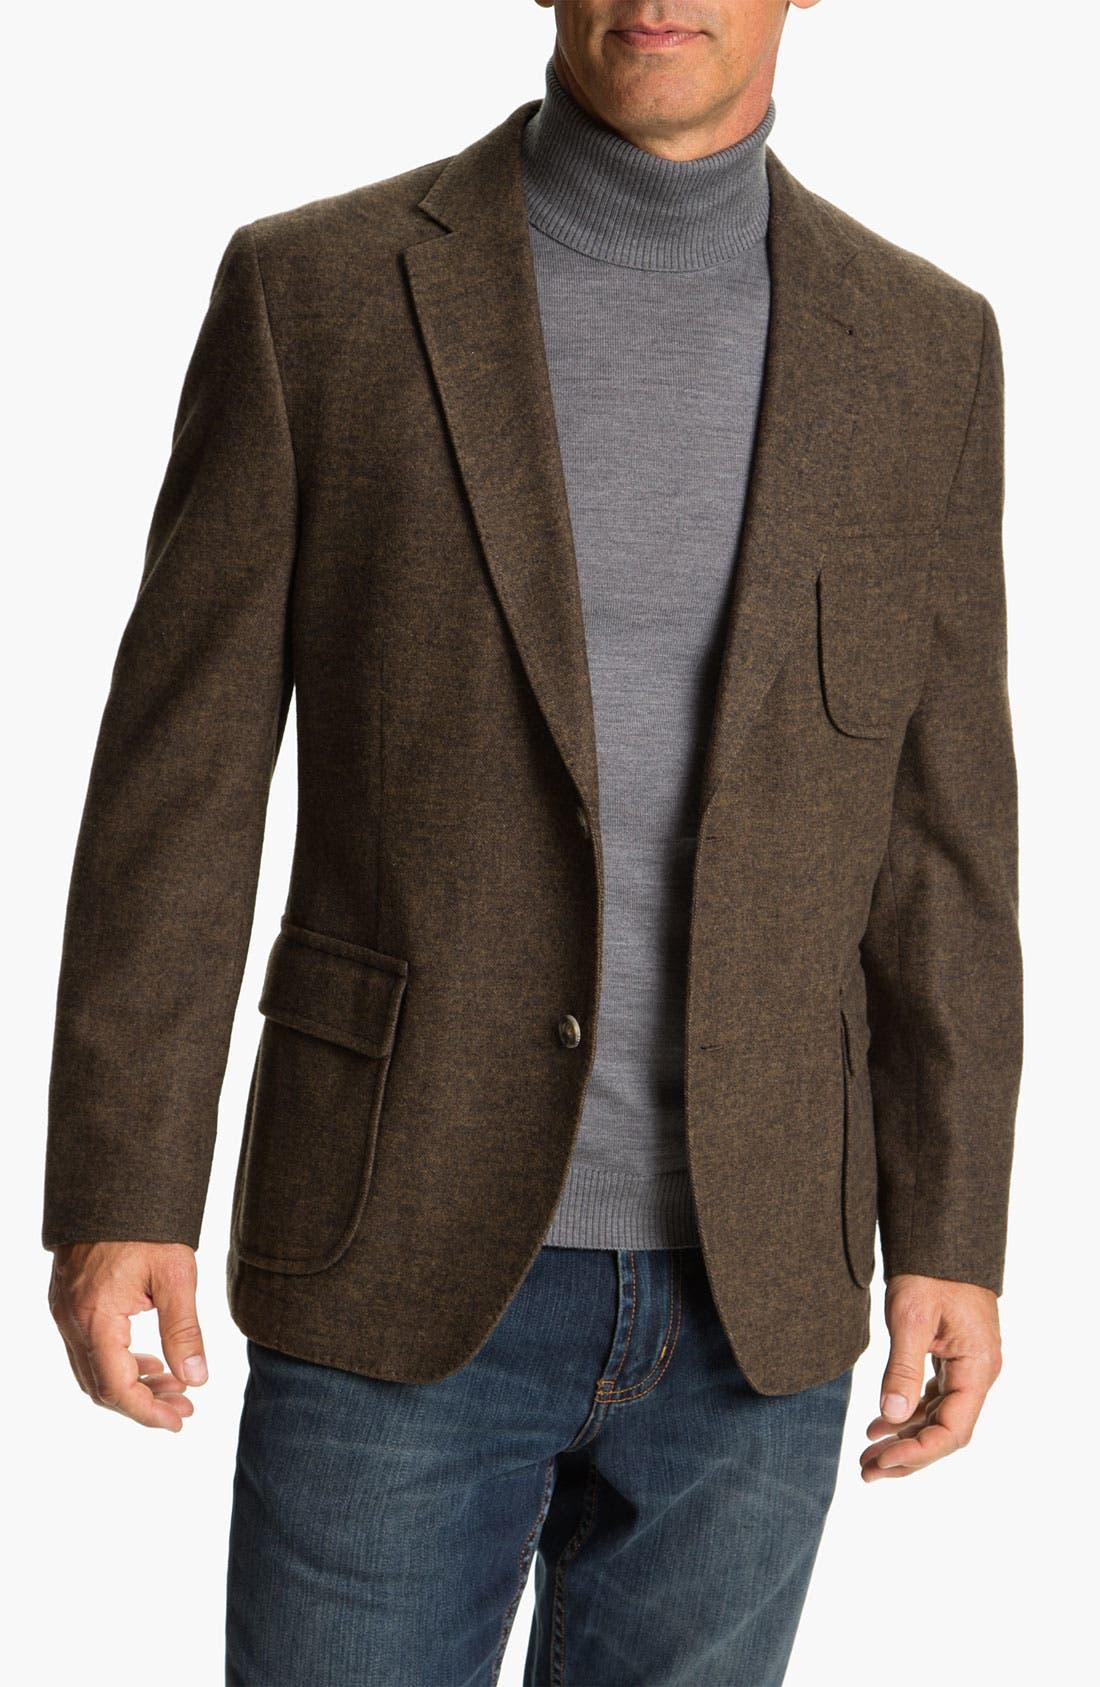 Main Image - Kroon 'Harrison' Wool & Cotton Blend  Sportcoat